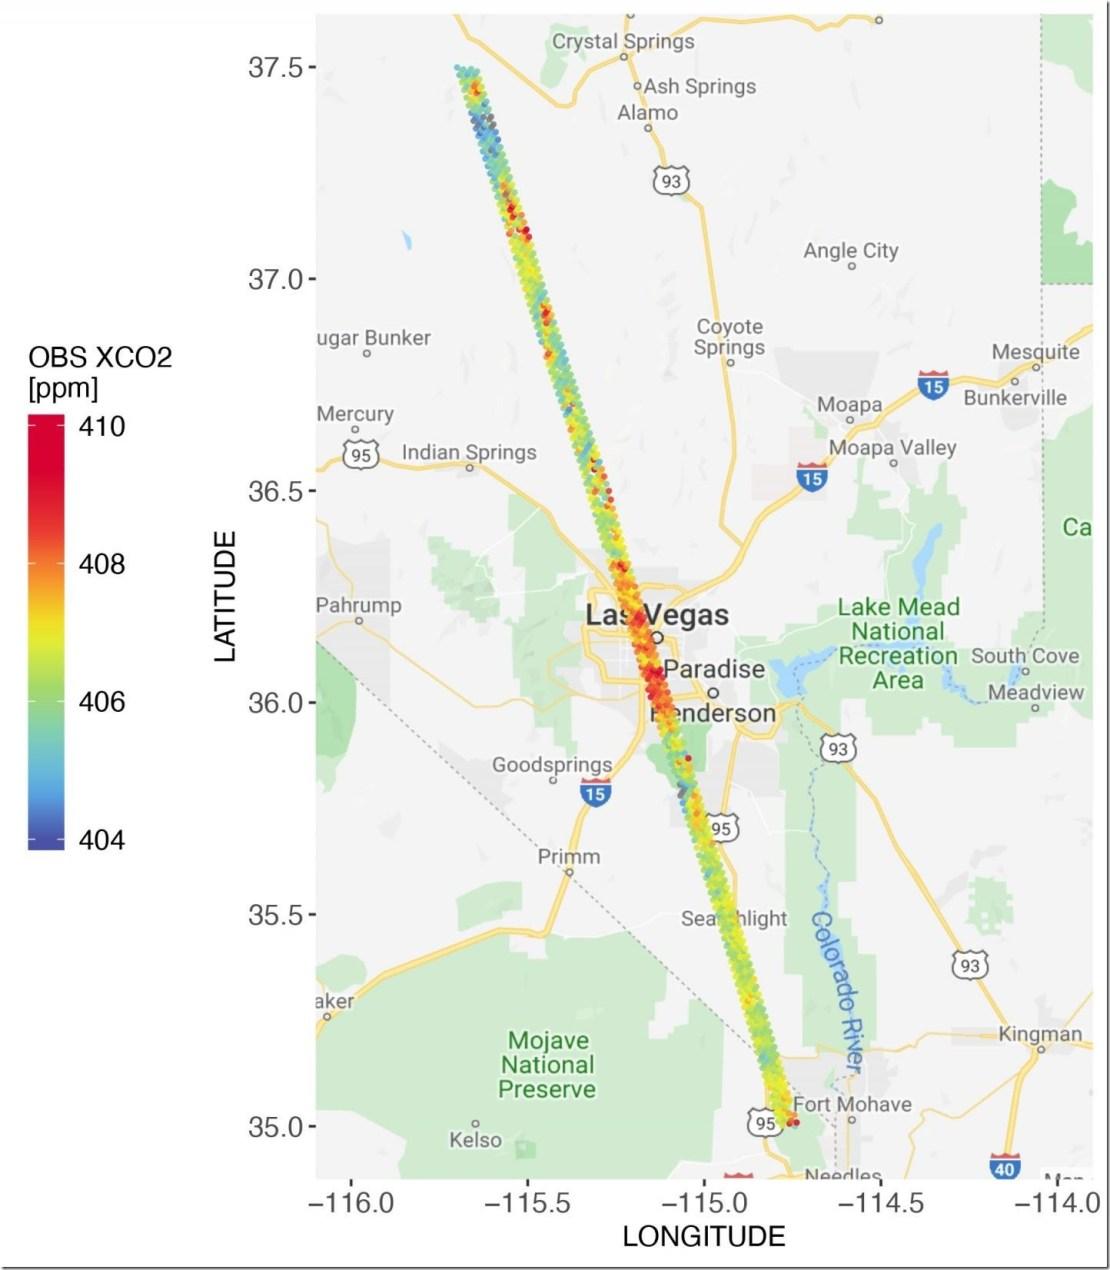 CO2 measurements from OCO-2 in parts per million over Las Vegas on Feb. 8, 2018.  Credit: Dien Wu/University of Utah